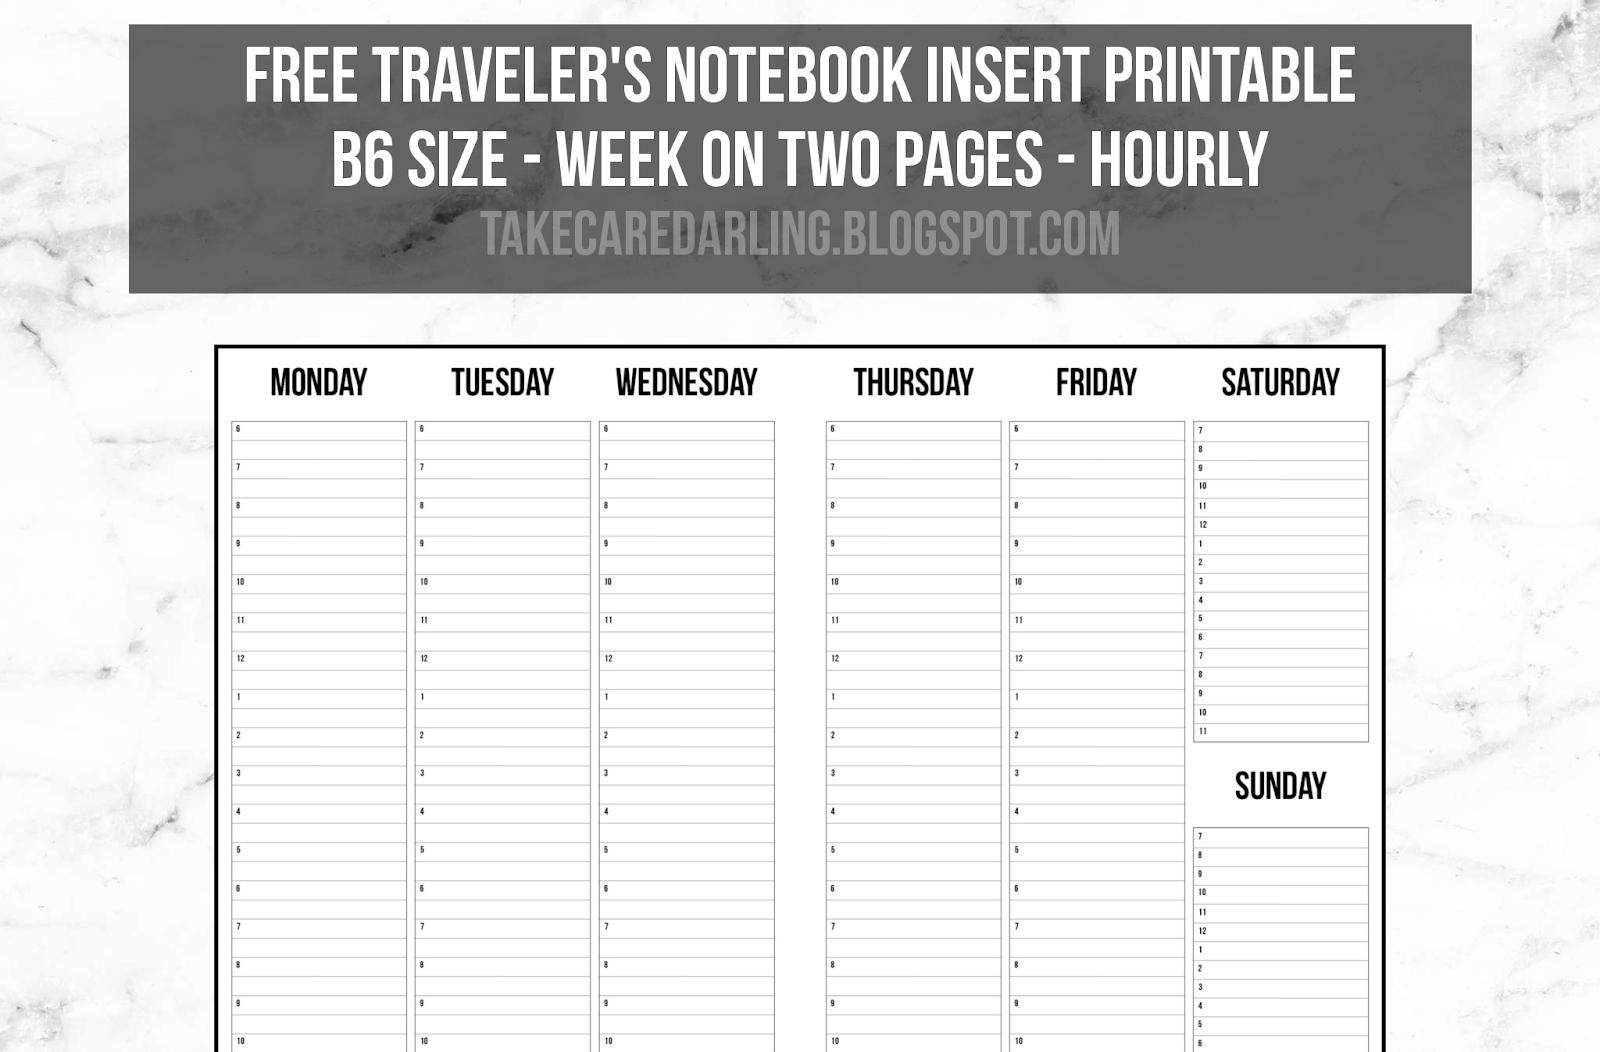 Free Traveler's Notebook Insert Printable: Week On Two Pages - Free Printable Traveler's Notebook Inserts